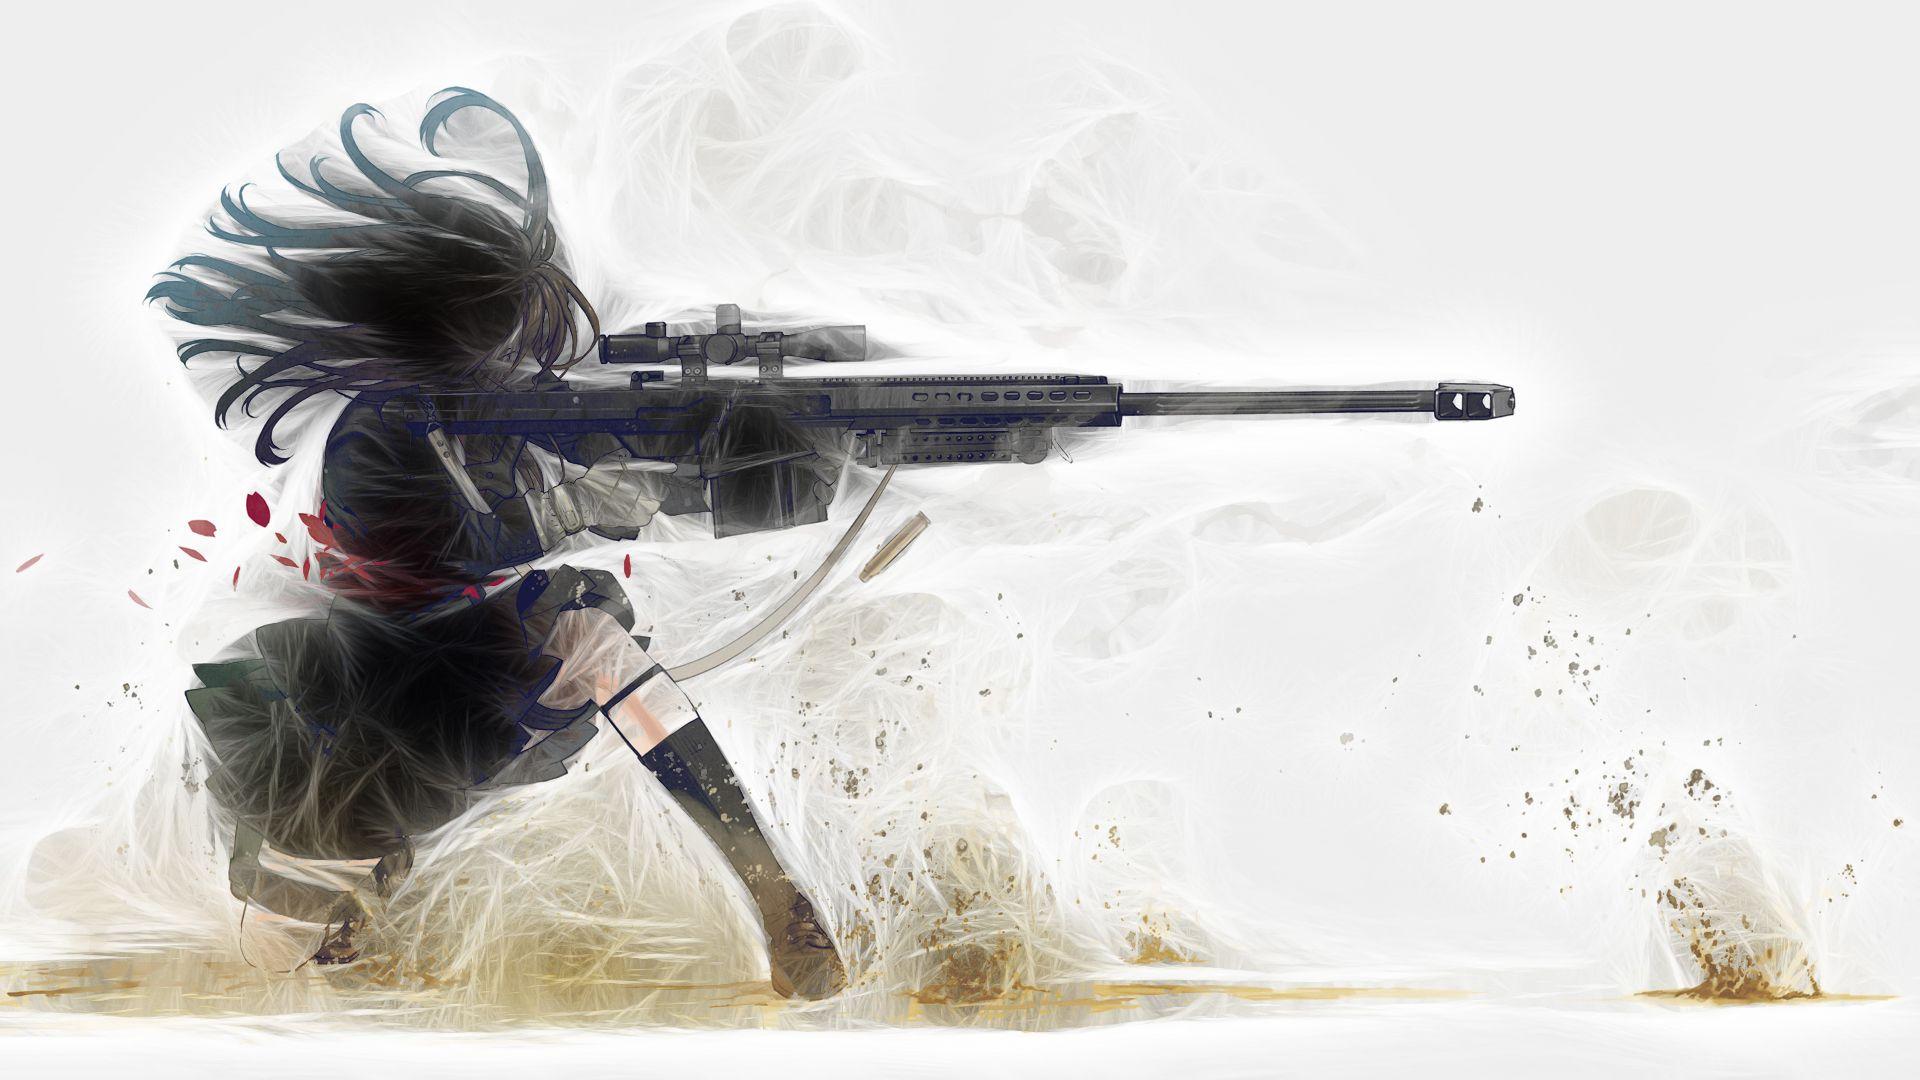 Anime Girl with Sniper Anime girl, Guns wallpaper, Anime